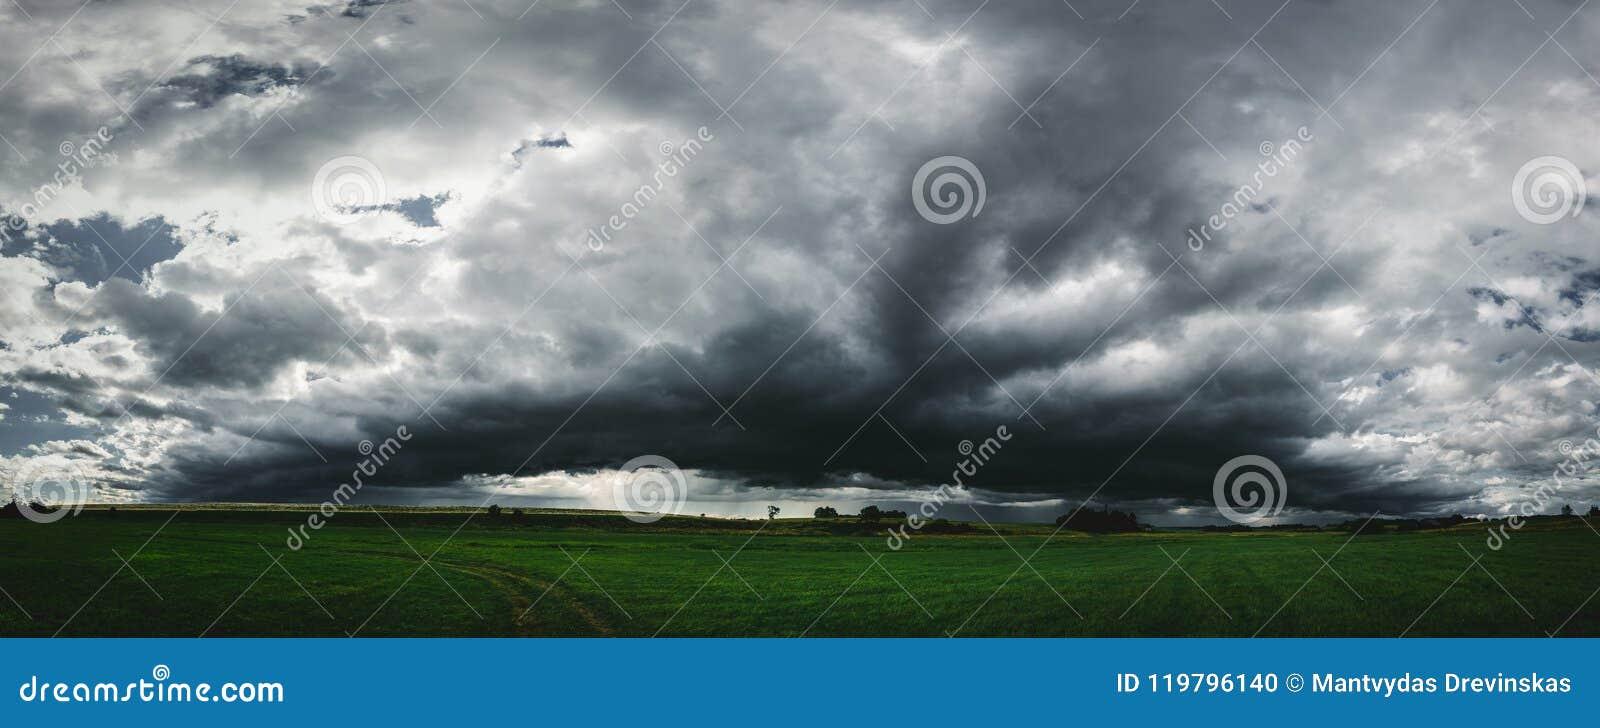 Dunkles Sturmwolkenpanorama über der grünen Rasenfläche